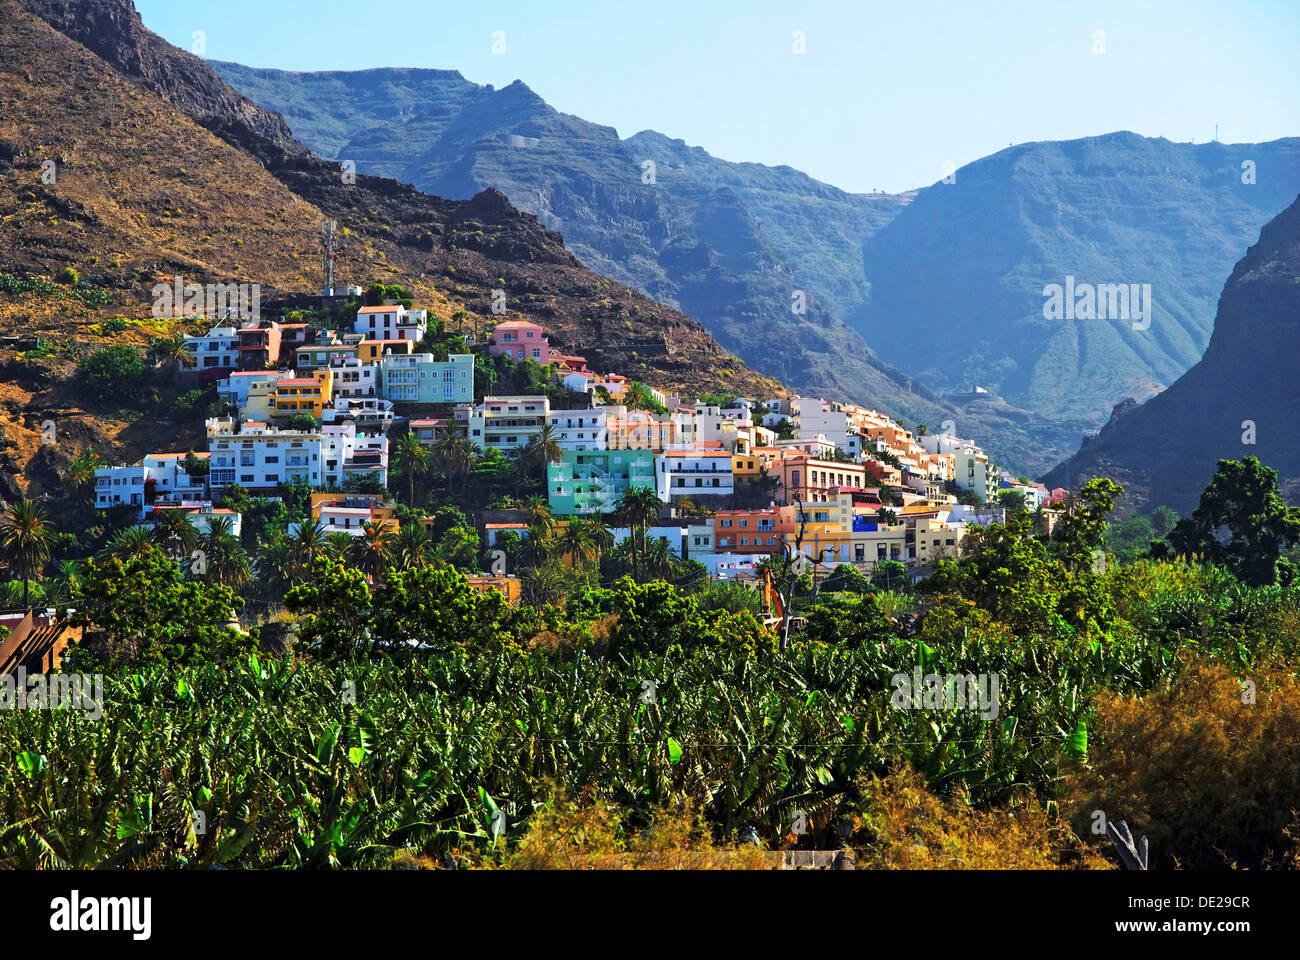 Village of La Calera and a banana plantation, Fei banana (Musa troglodytarum), Valle de Gran Rey Valley, La Gomera Stock Photo